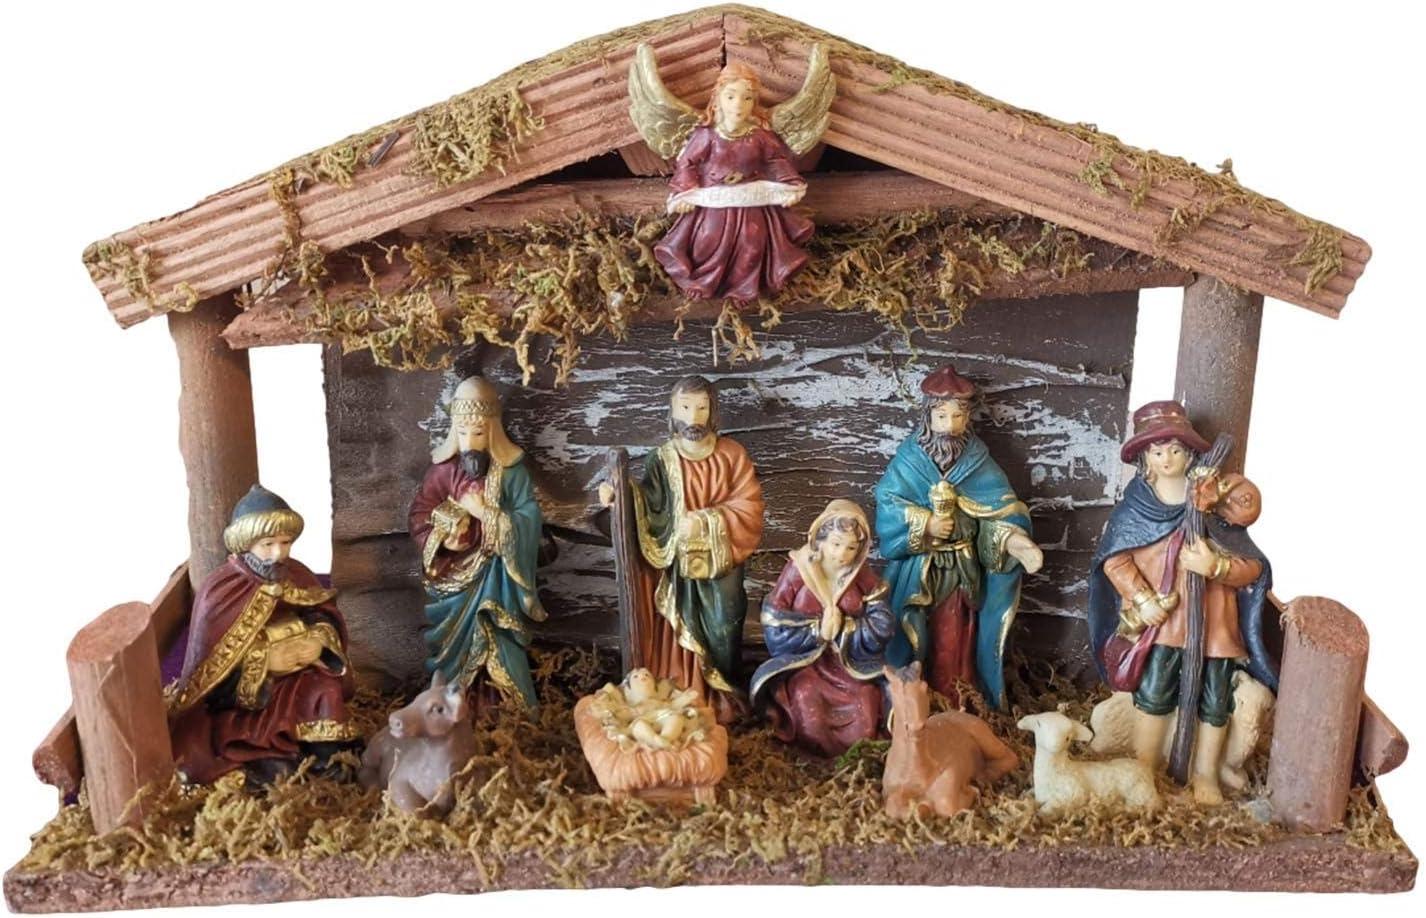 kaikki Pesebre Navideño, Pesebre Decoración Pesebre Pesebre Resina Jesús Decoración Adorno Navideño